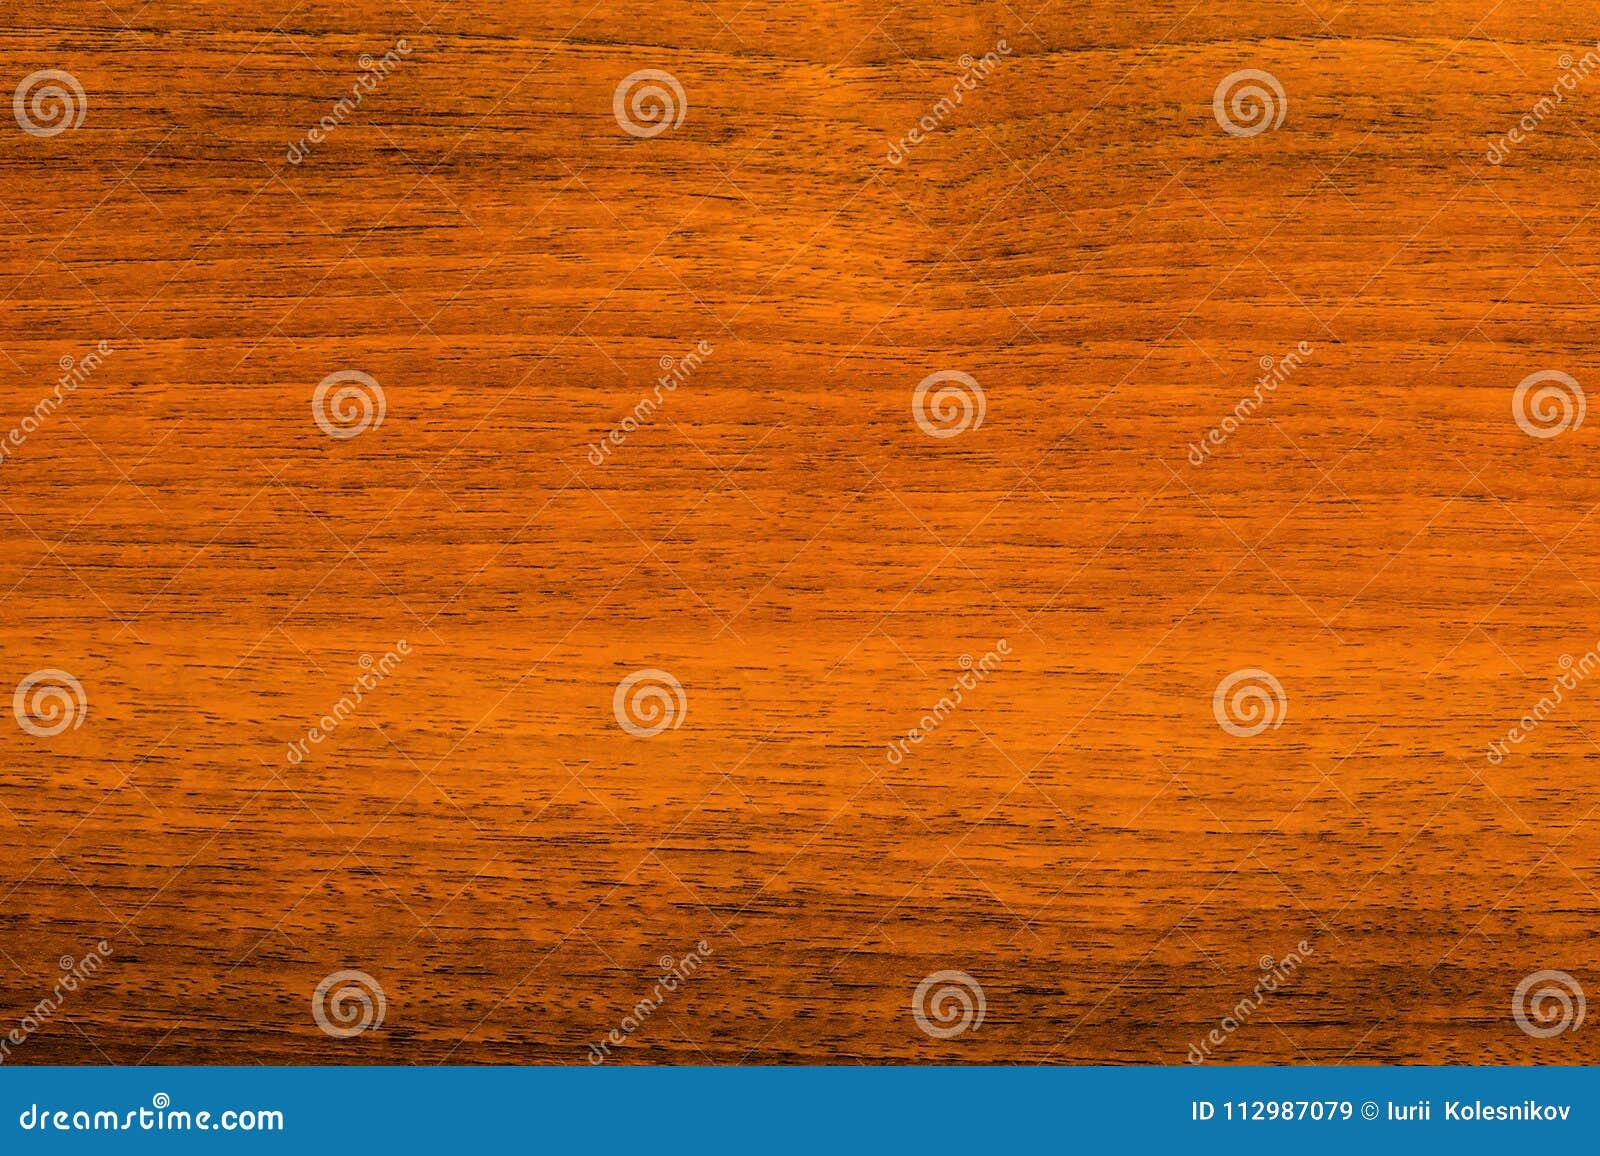 Old wooden furniture veneer pattern texture